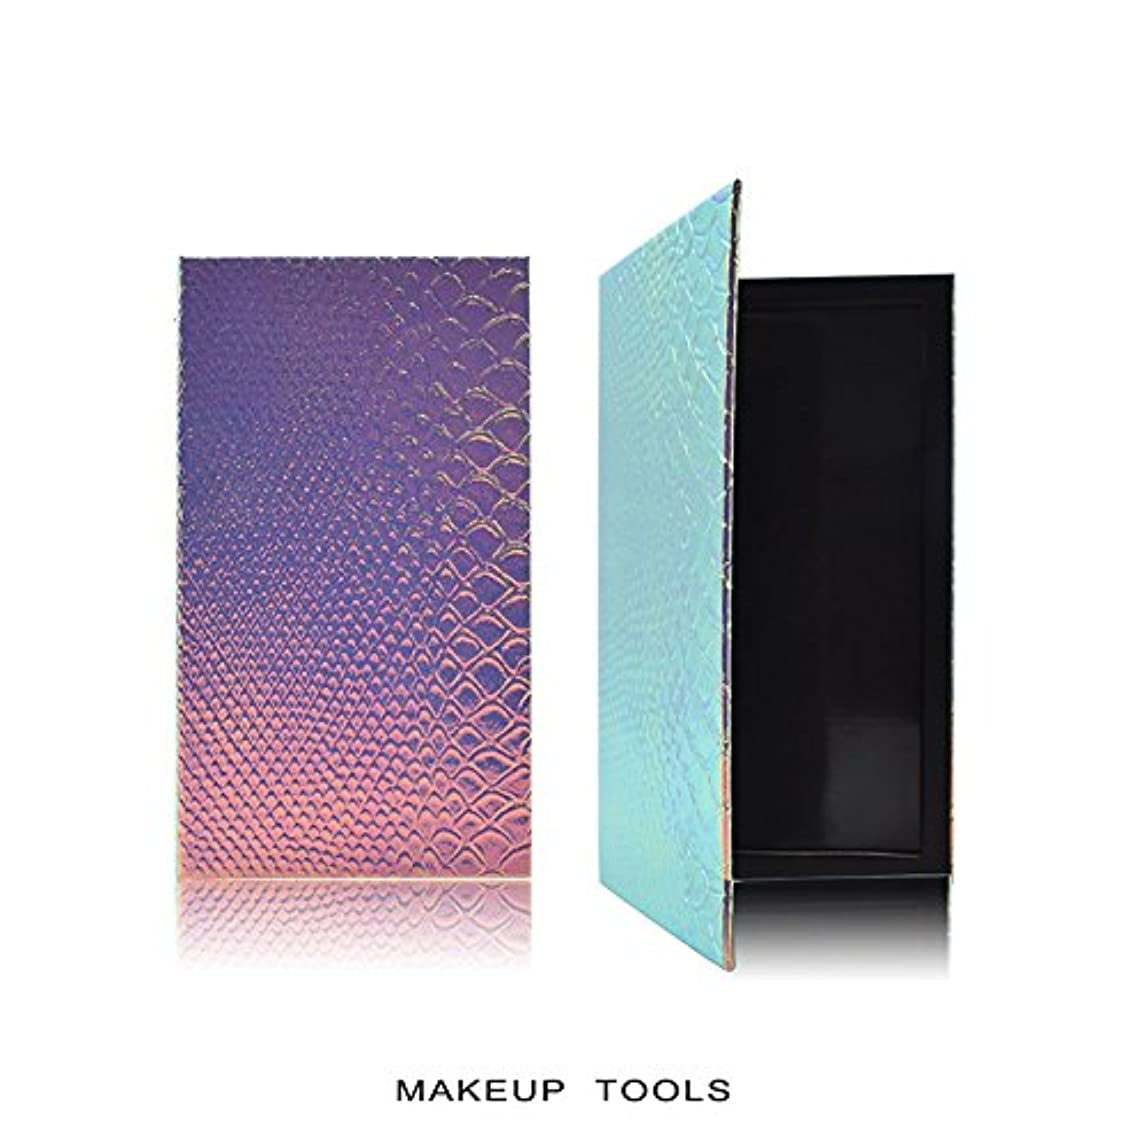 吸い込む光沢のあるロマンチックRaiFu アイシャドウ パレット 化粧 空の磁気 自作携帯型 美容 化粧品の保管ツール うろこ 18*10CM